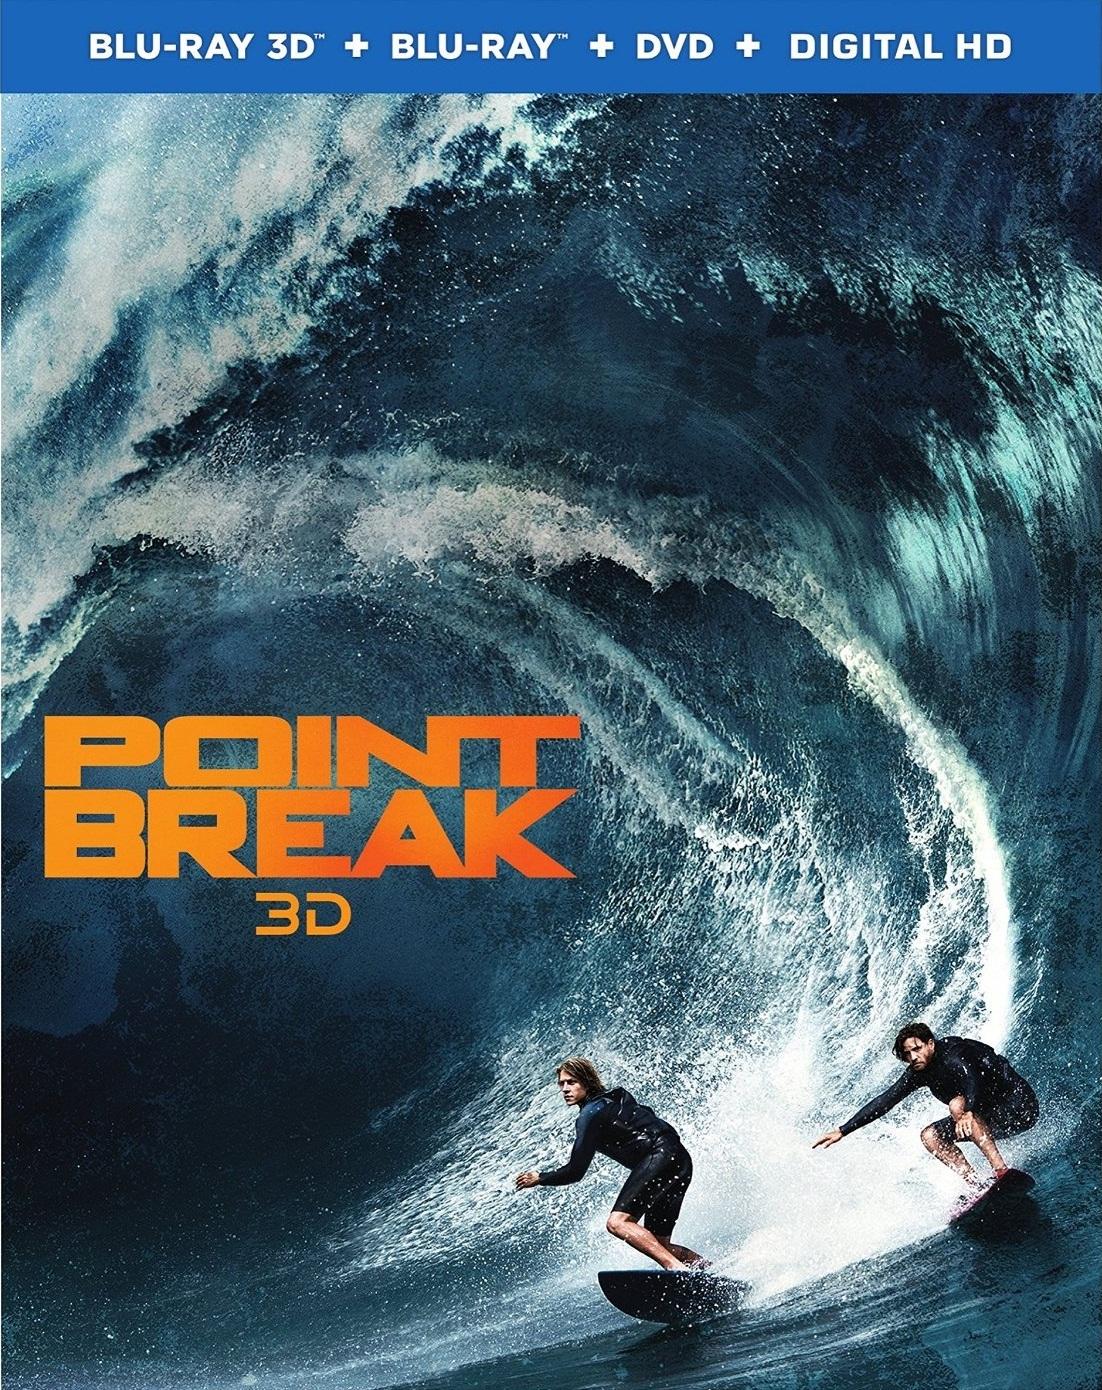 Point Break 3D (2015) Blu-ray 3D